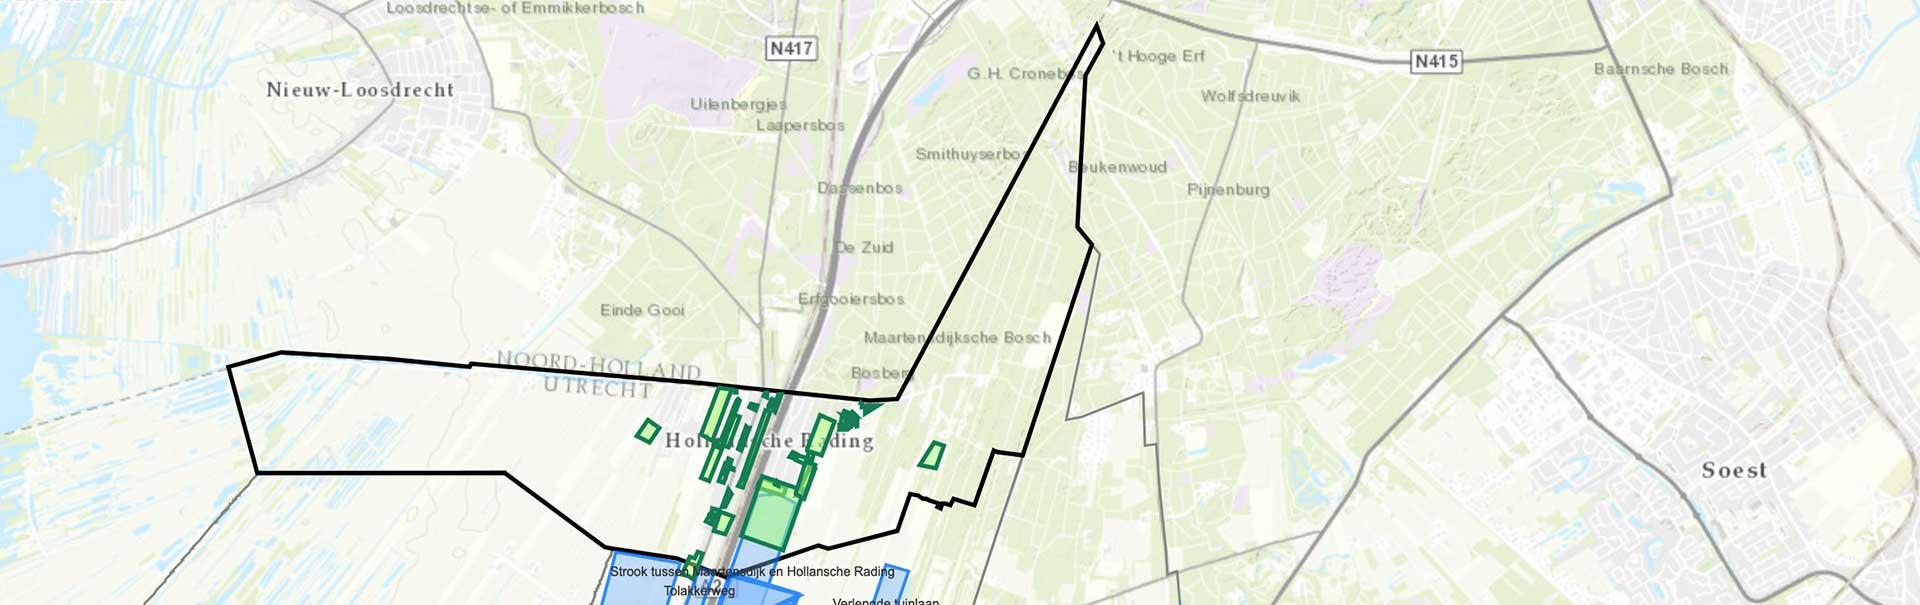 'Samen werken aan wonen': input vanuit Hollandsche Rading